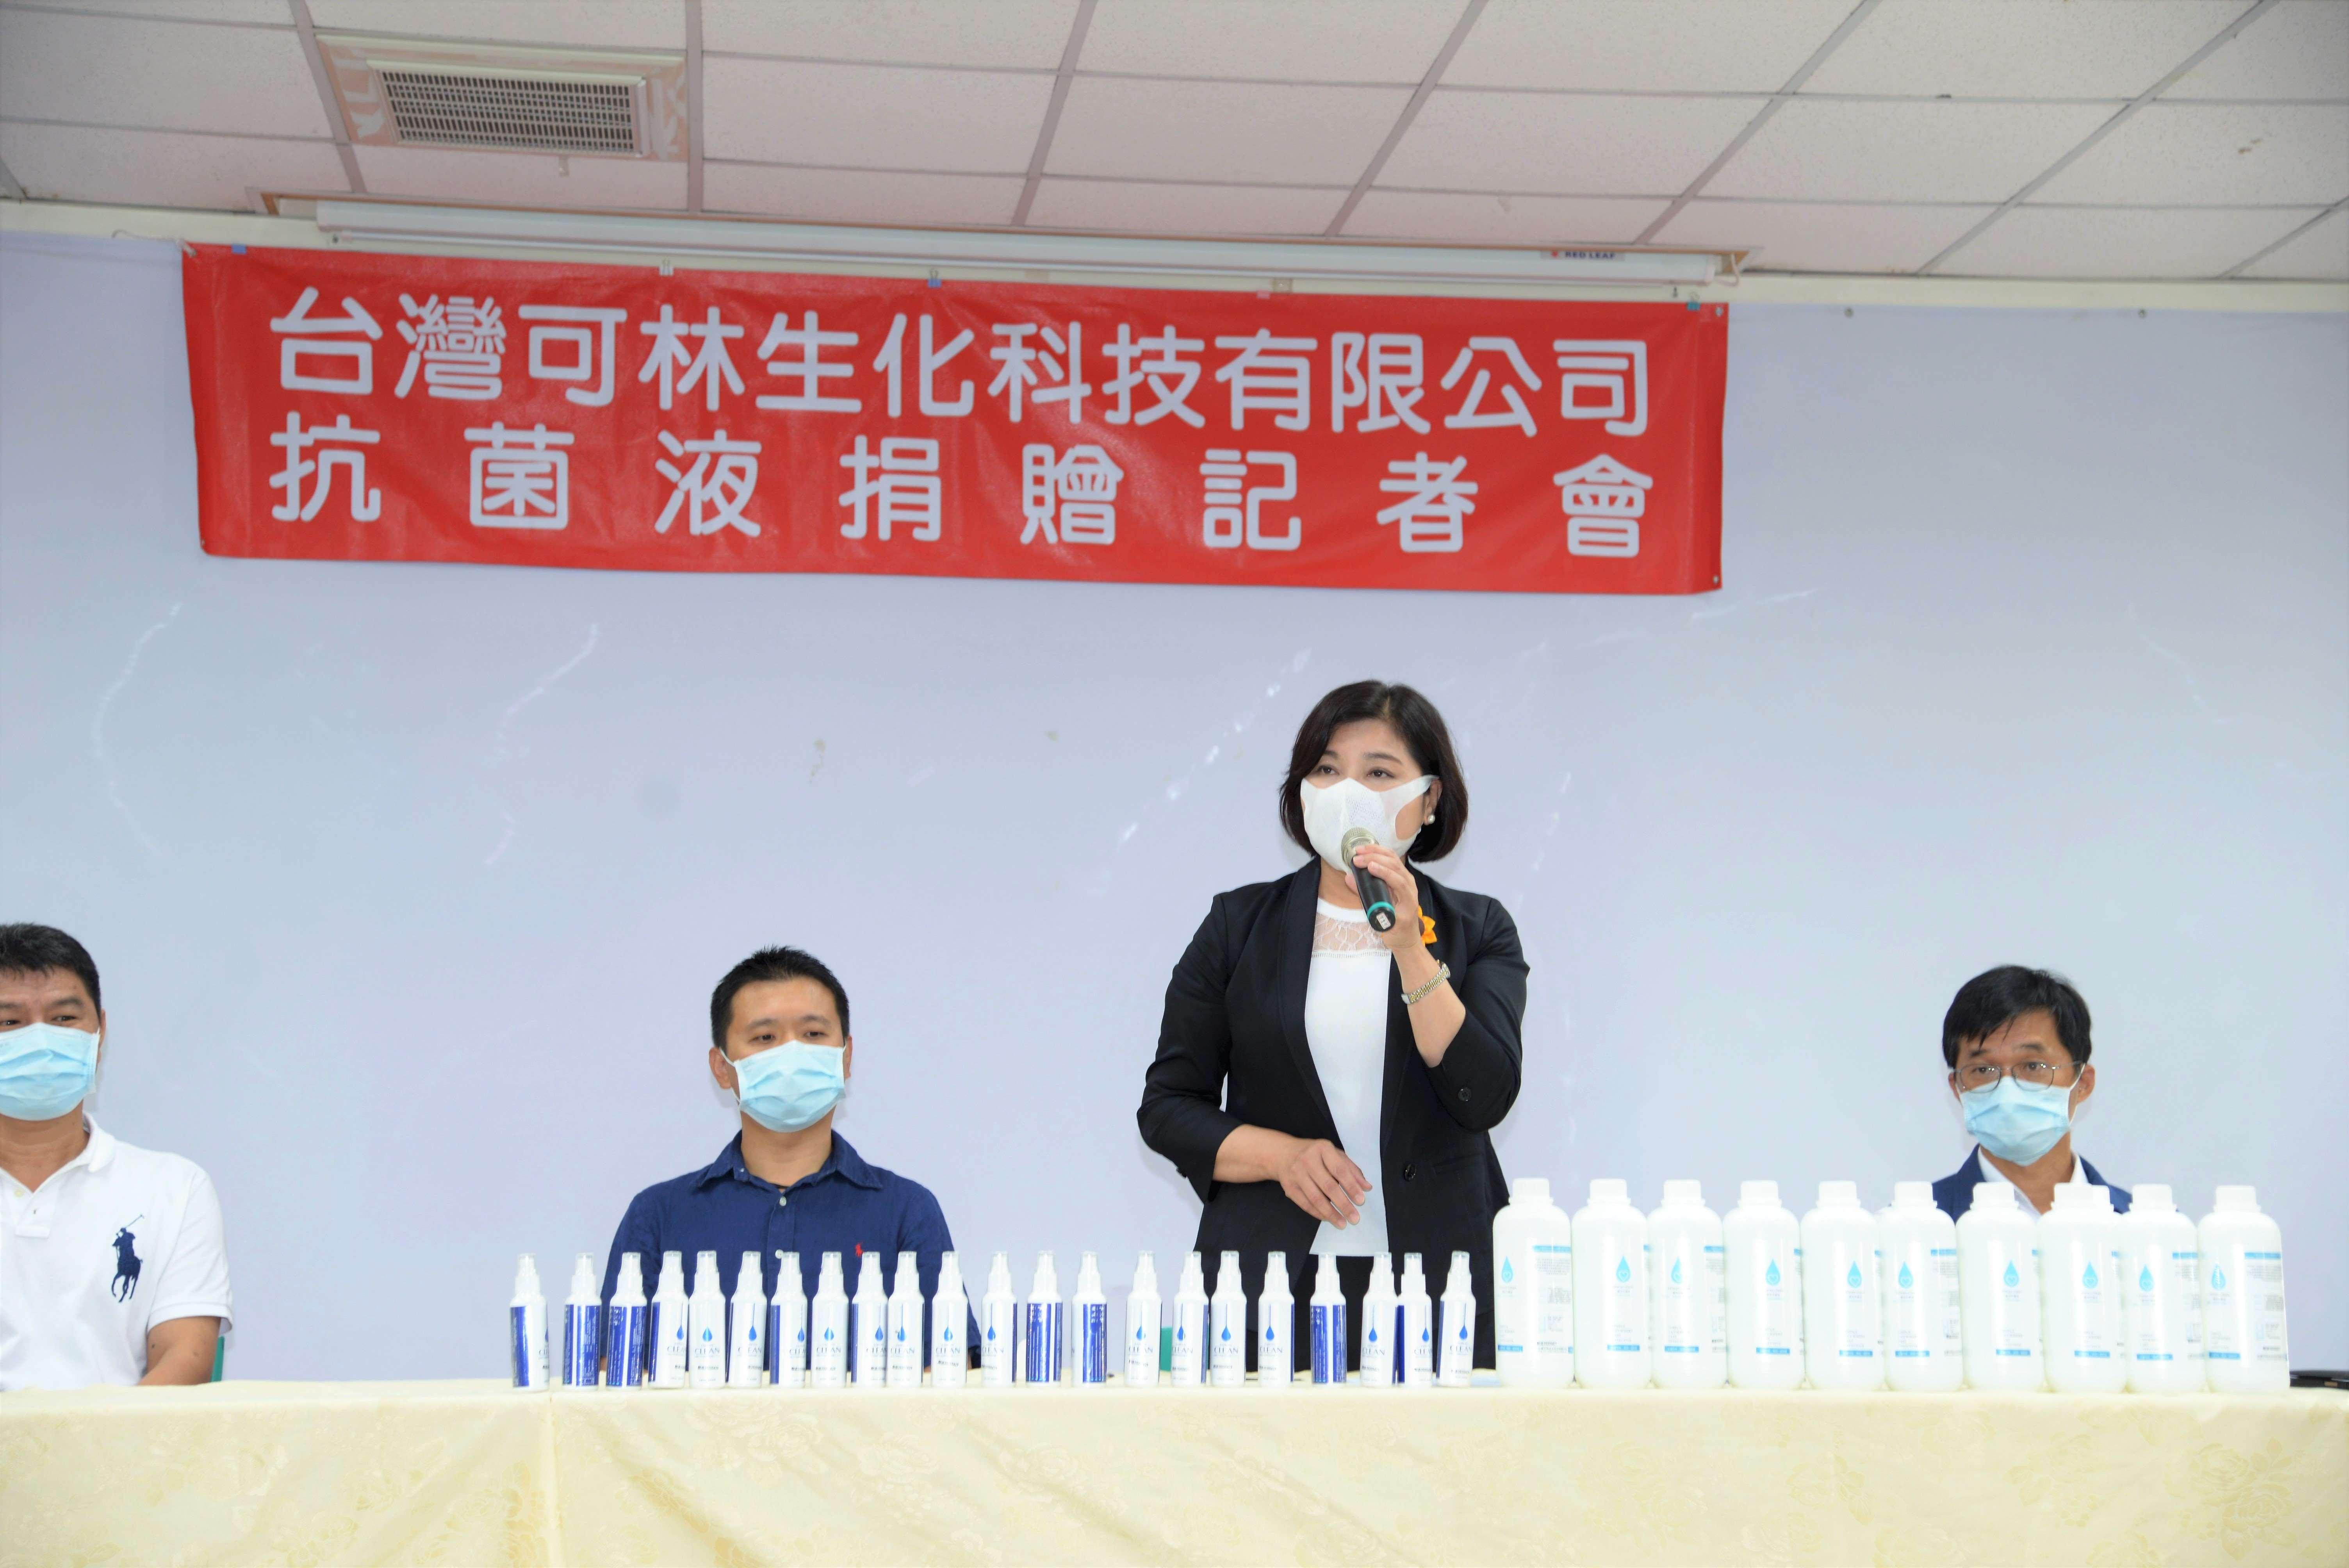 張麗善縣長表示,目前疫情嚴峻,防疫物資難得,非常感謝台灣可林生化科技有限公司,在防疫物資市場搶手難購情況下,卻願意展現善心。